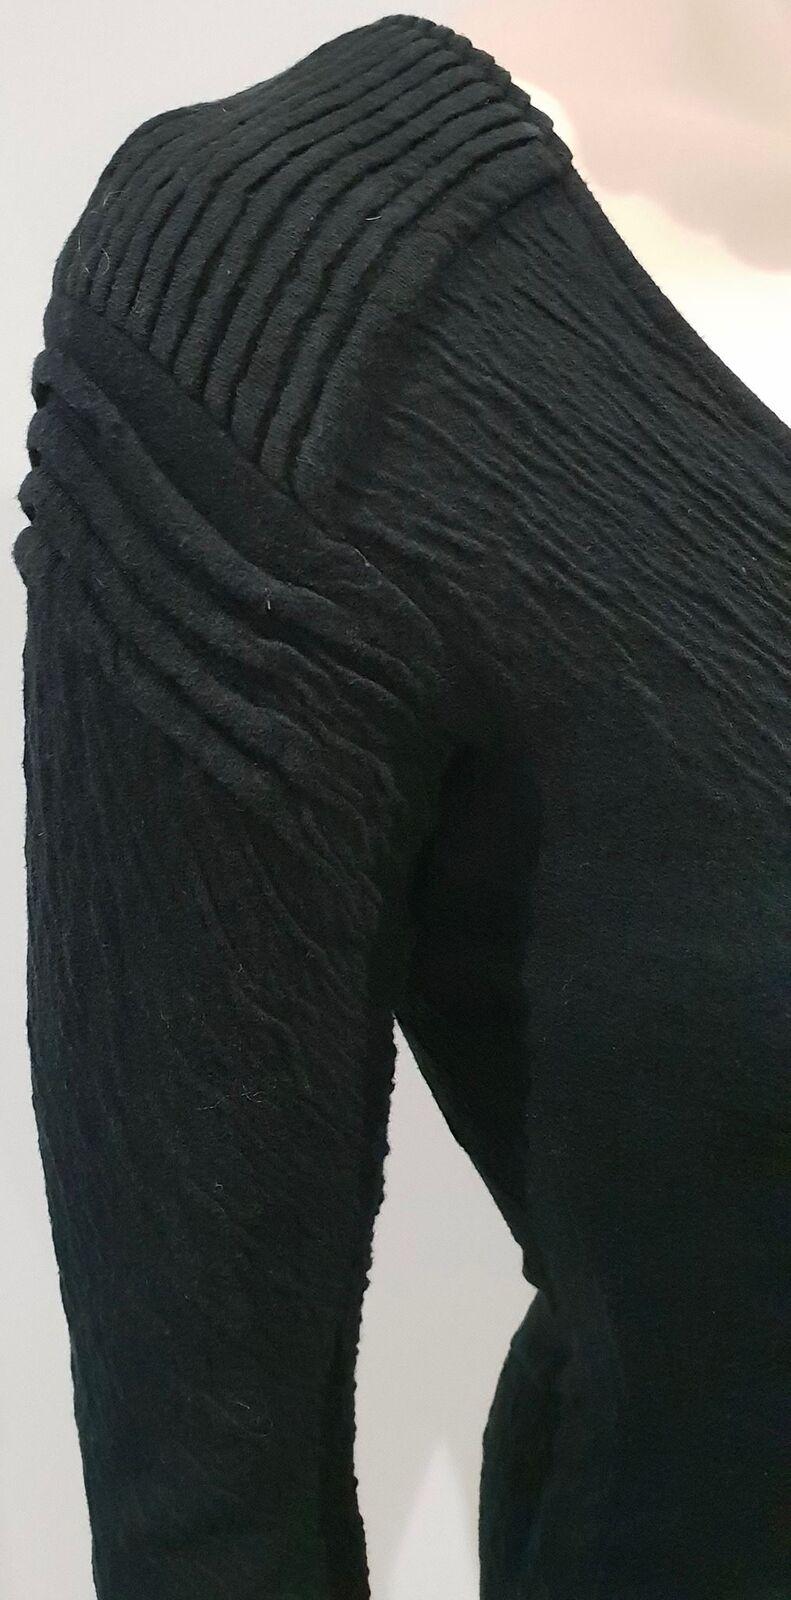 COTONE COTONE COTONE Nero ANNE FONTAINE jeseywear Stretch Bodycon Mini Abito 38 UK8 89d36a